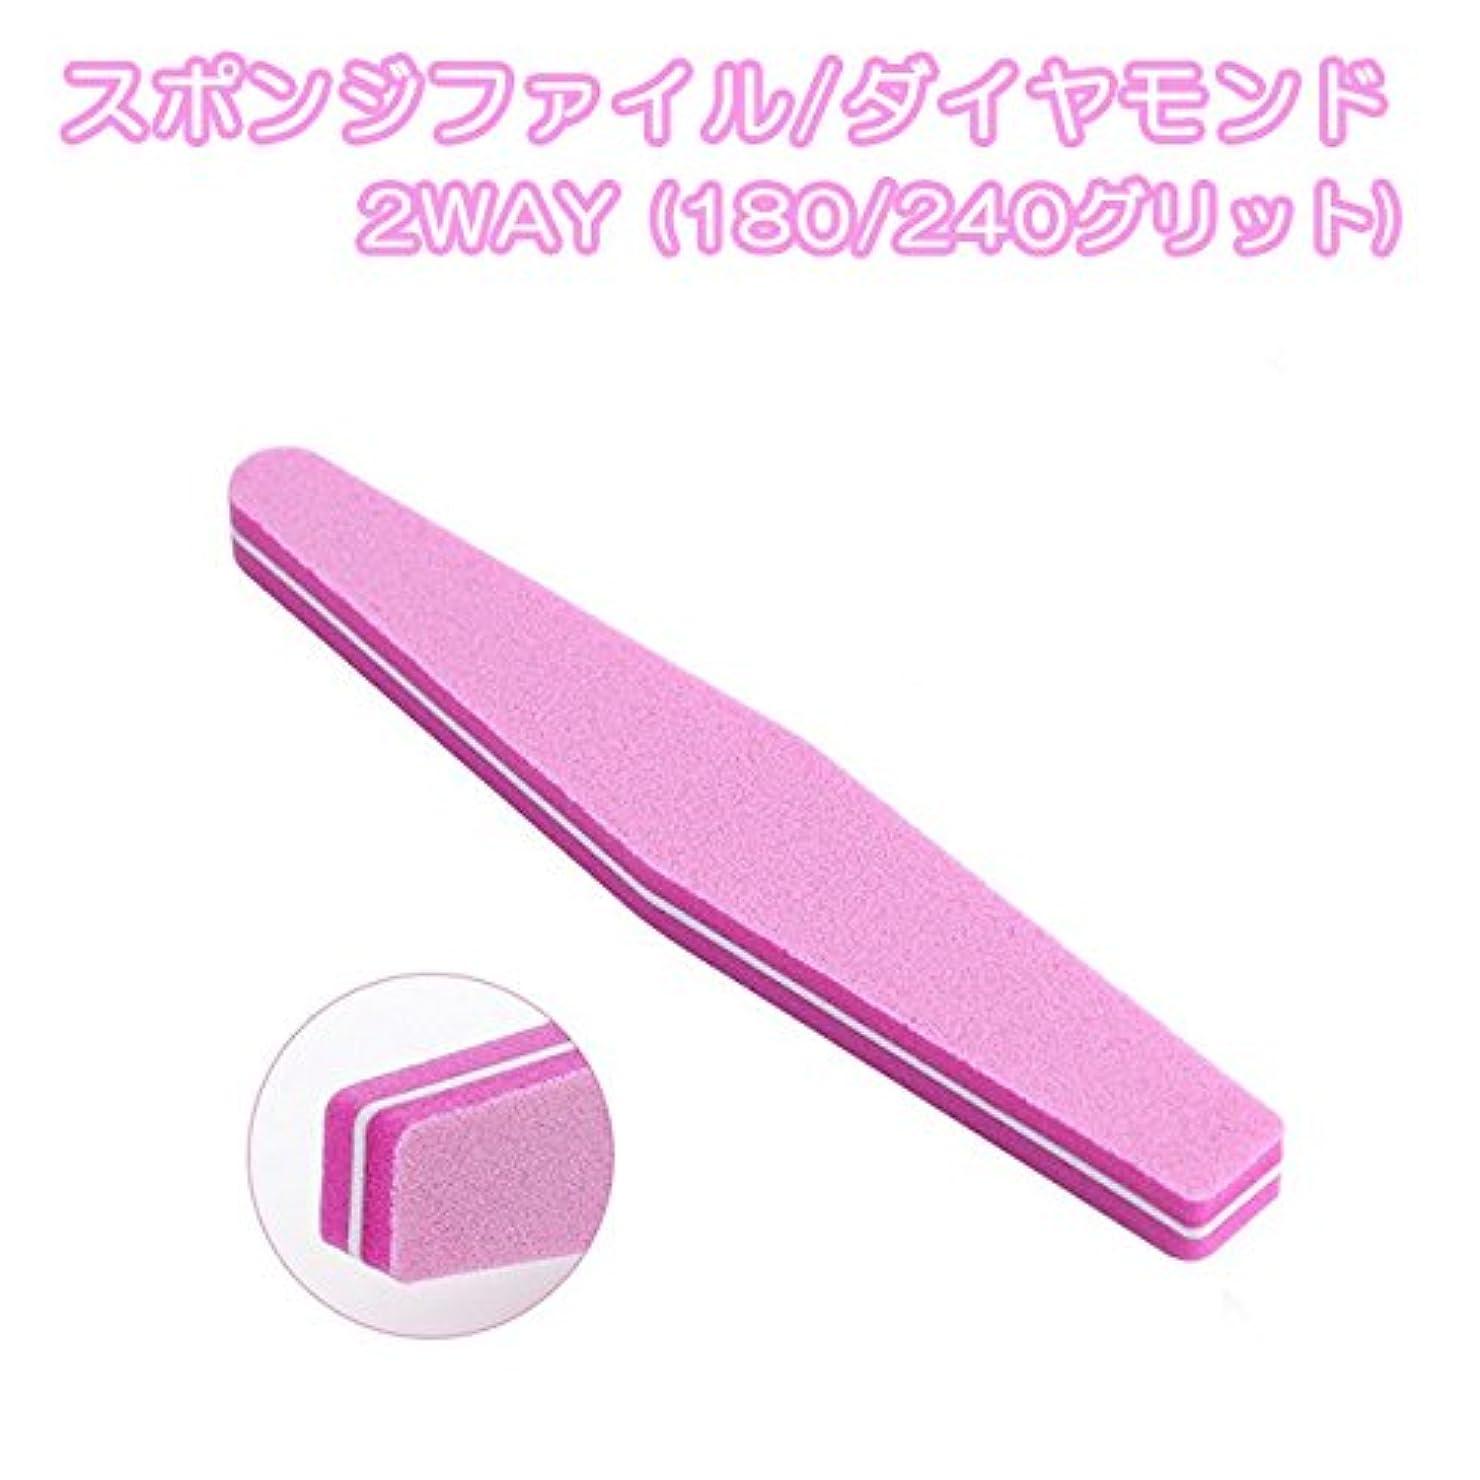 シプリー練習生活スポンジファイル220/240